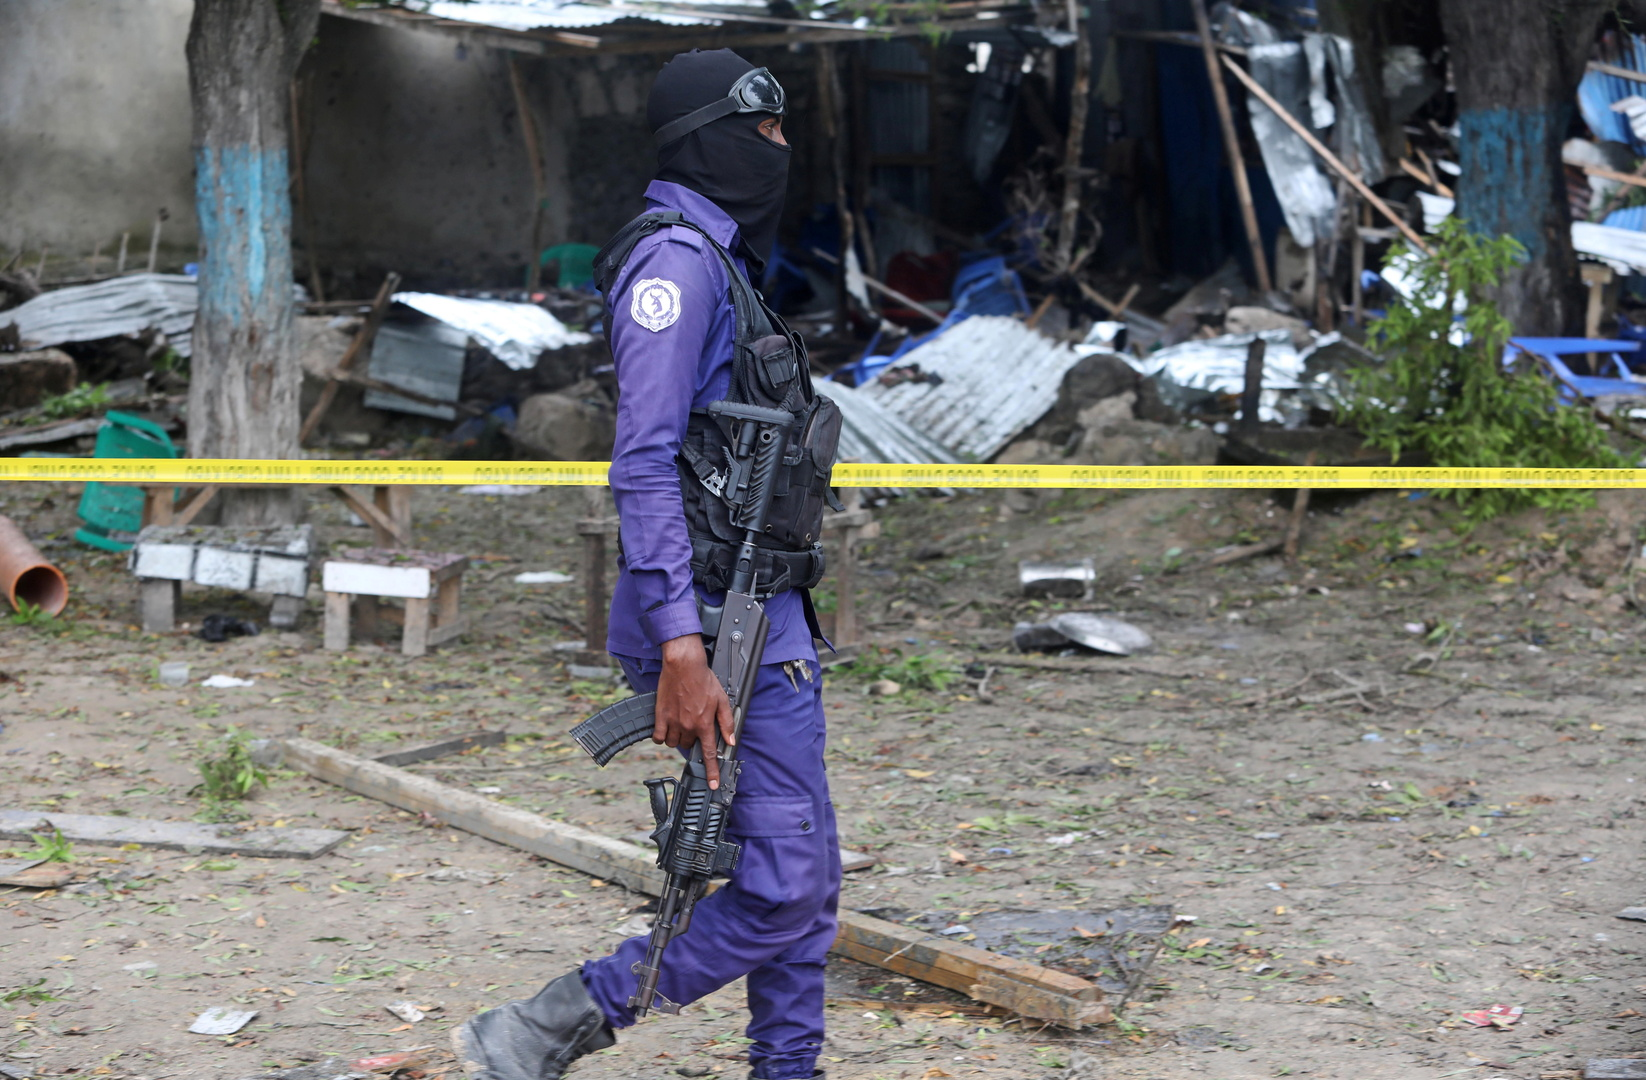 شرطي صومالي في موقع تفجير انتحاري في مطعم بالقرب من أكاديمية الشرطة في مقديشو 17 نوفمبر 2020